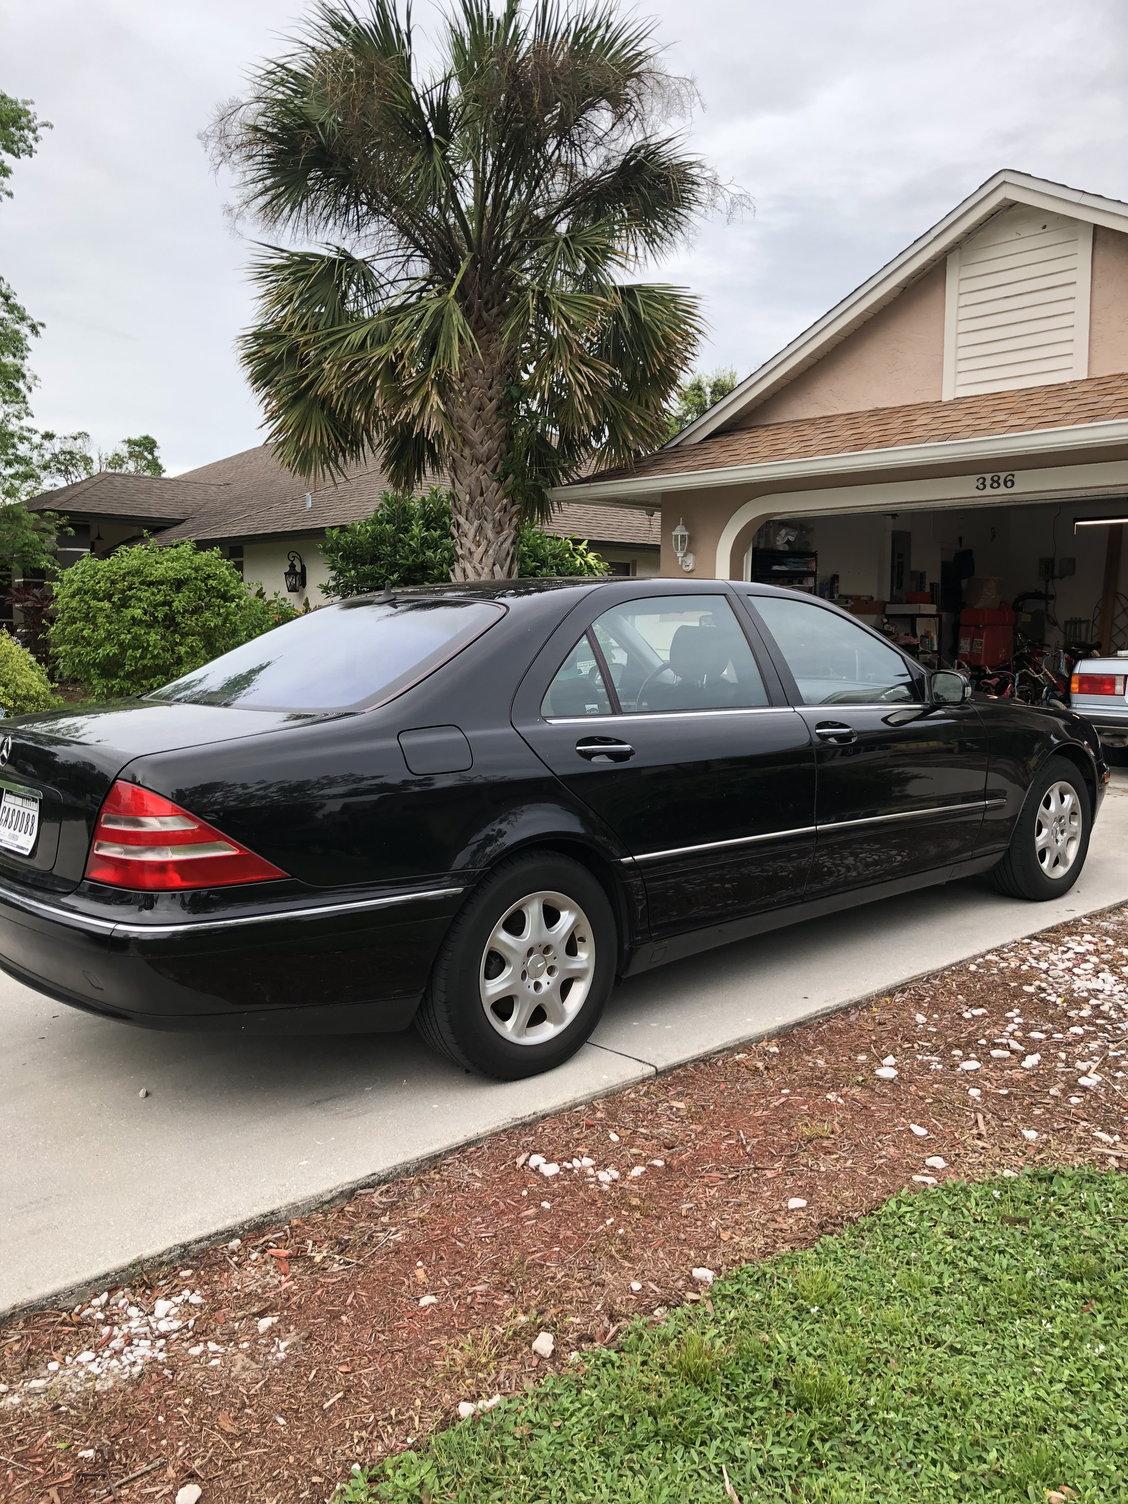 FS: 2002 S430 Black 83,000 miles $5500 - MBWorld.org Forums